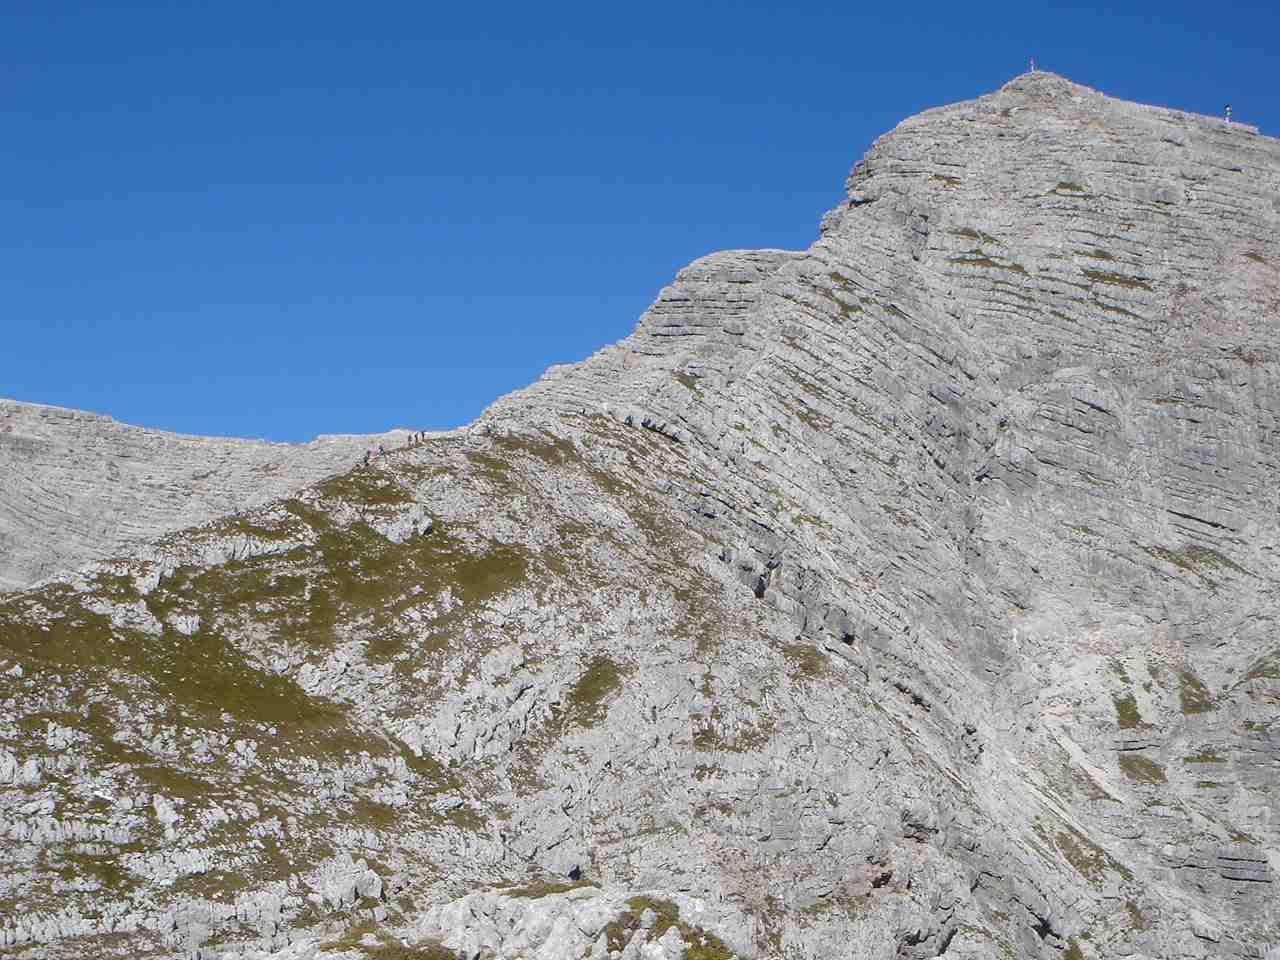 Foto: Manfred Karl / Wander Tour / Warscheneck über den SO-Grat / An schönen Tagen tut sich ganz schön was am Südostgrat. / 05.05.2007 20:55:19